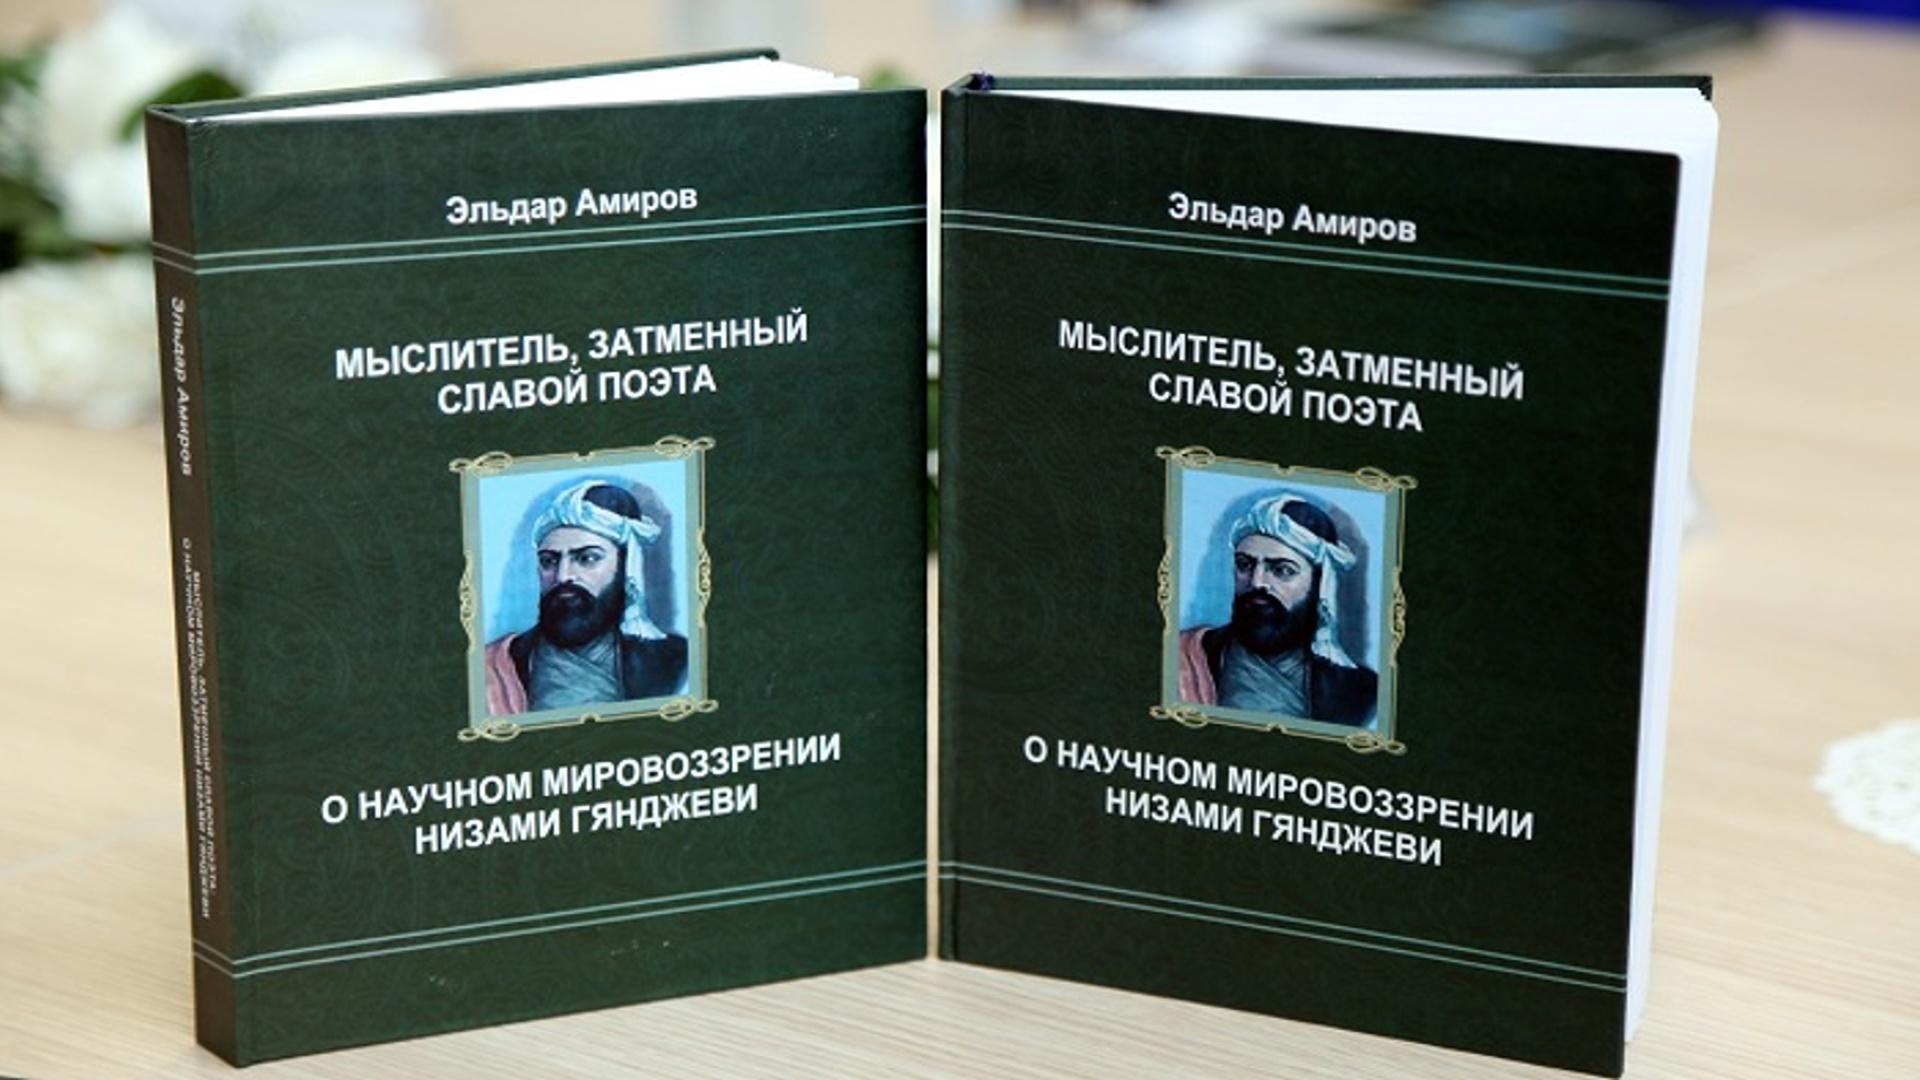 Nizami Gəncəvinin elmi dünyagörüşü haqqında kitabın təqdimatı keçirildi